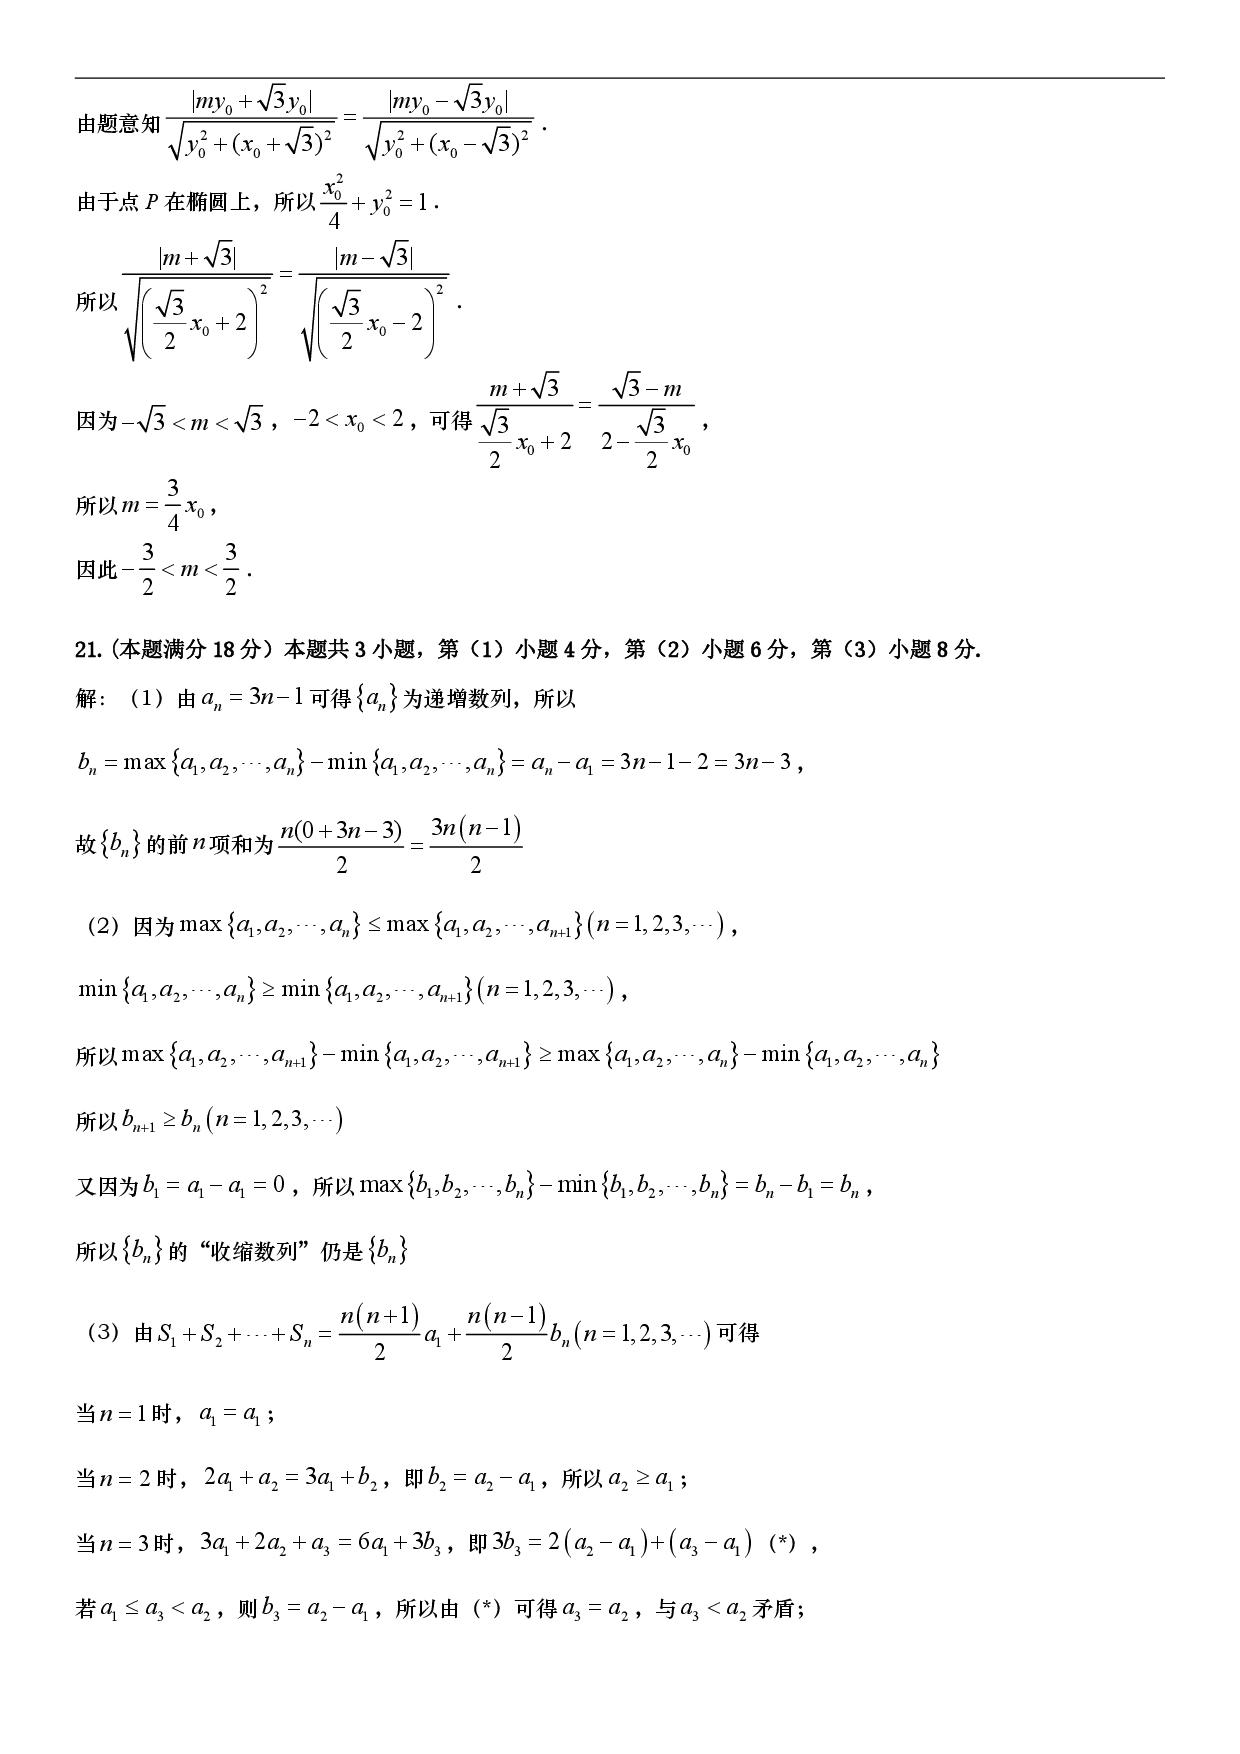 2020黄浦区高三二模数学卷解析